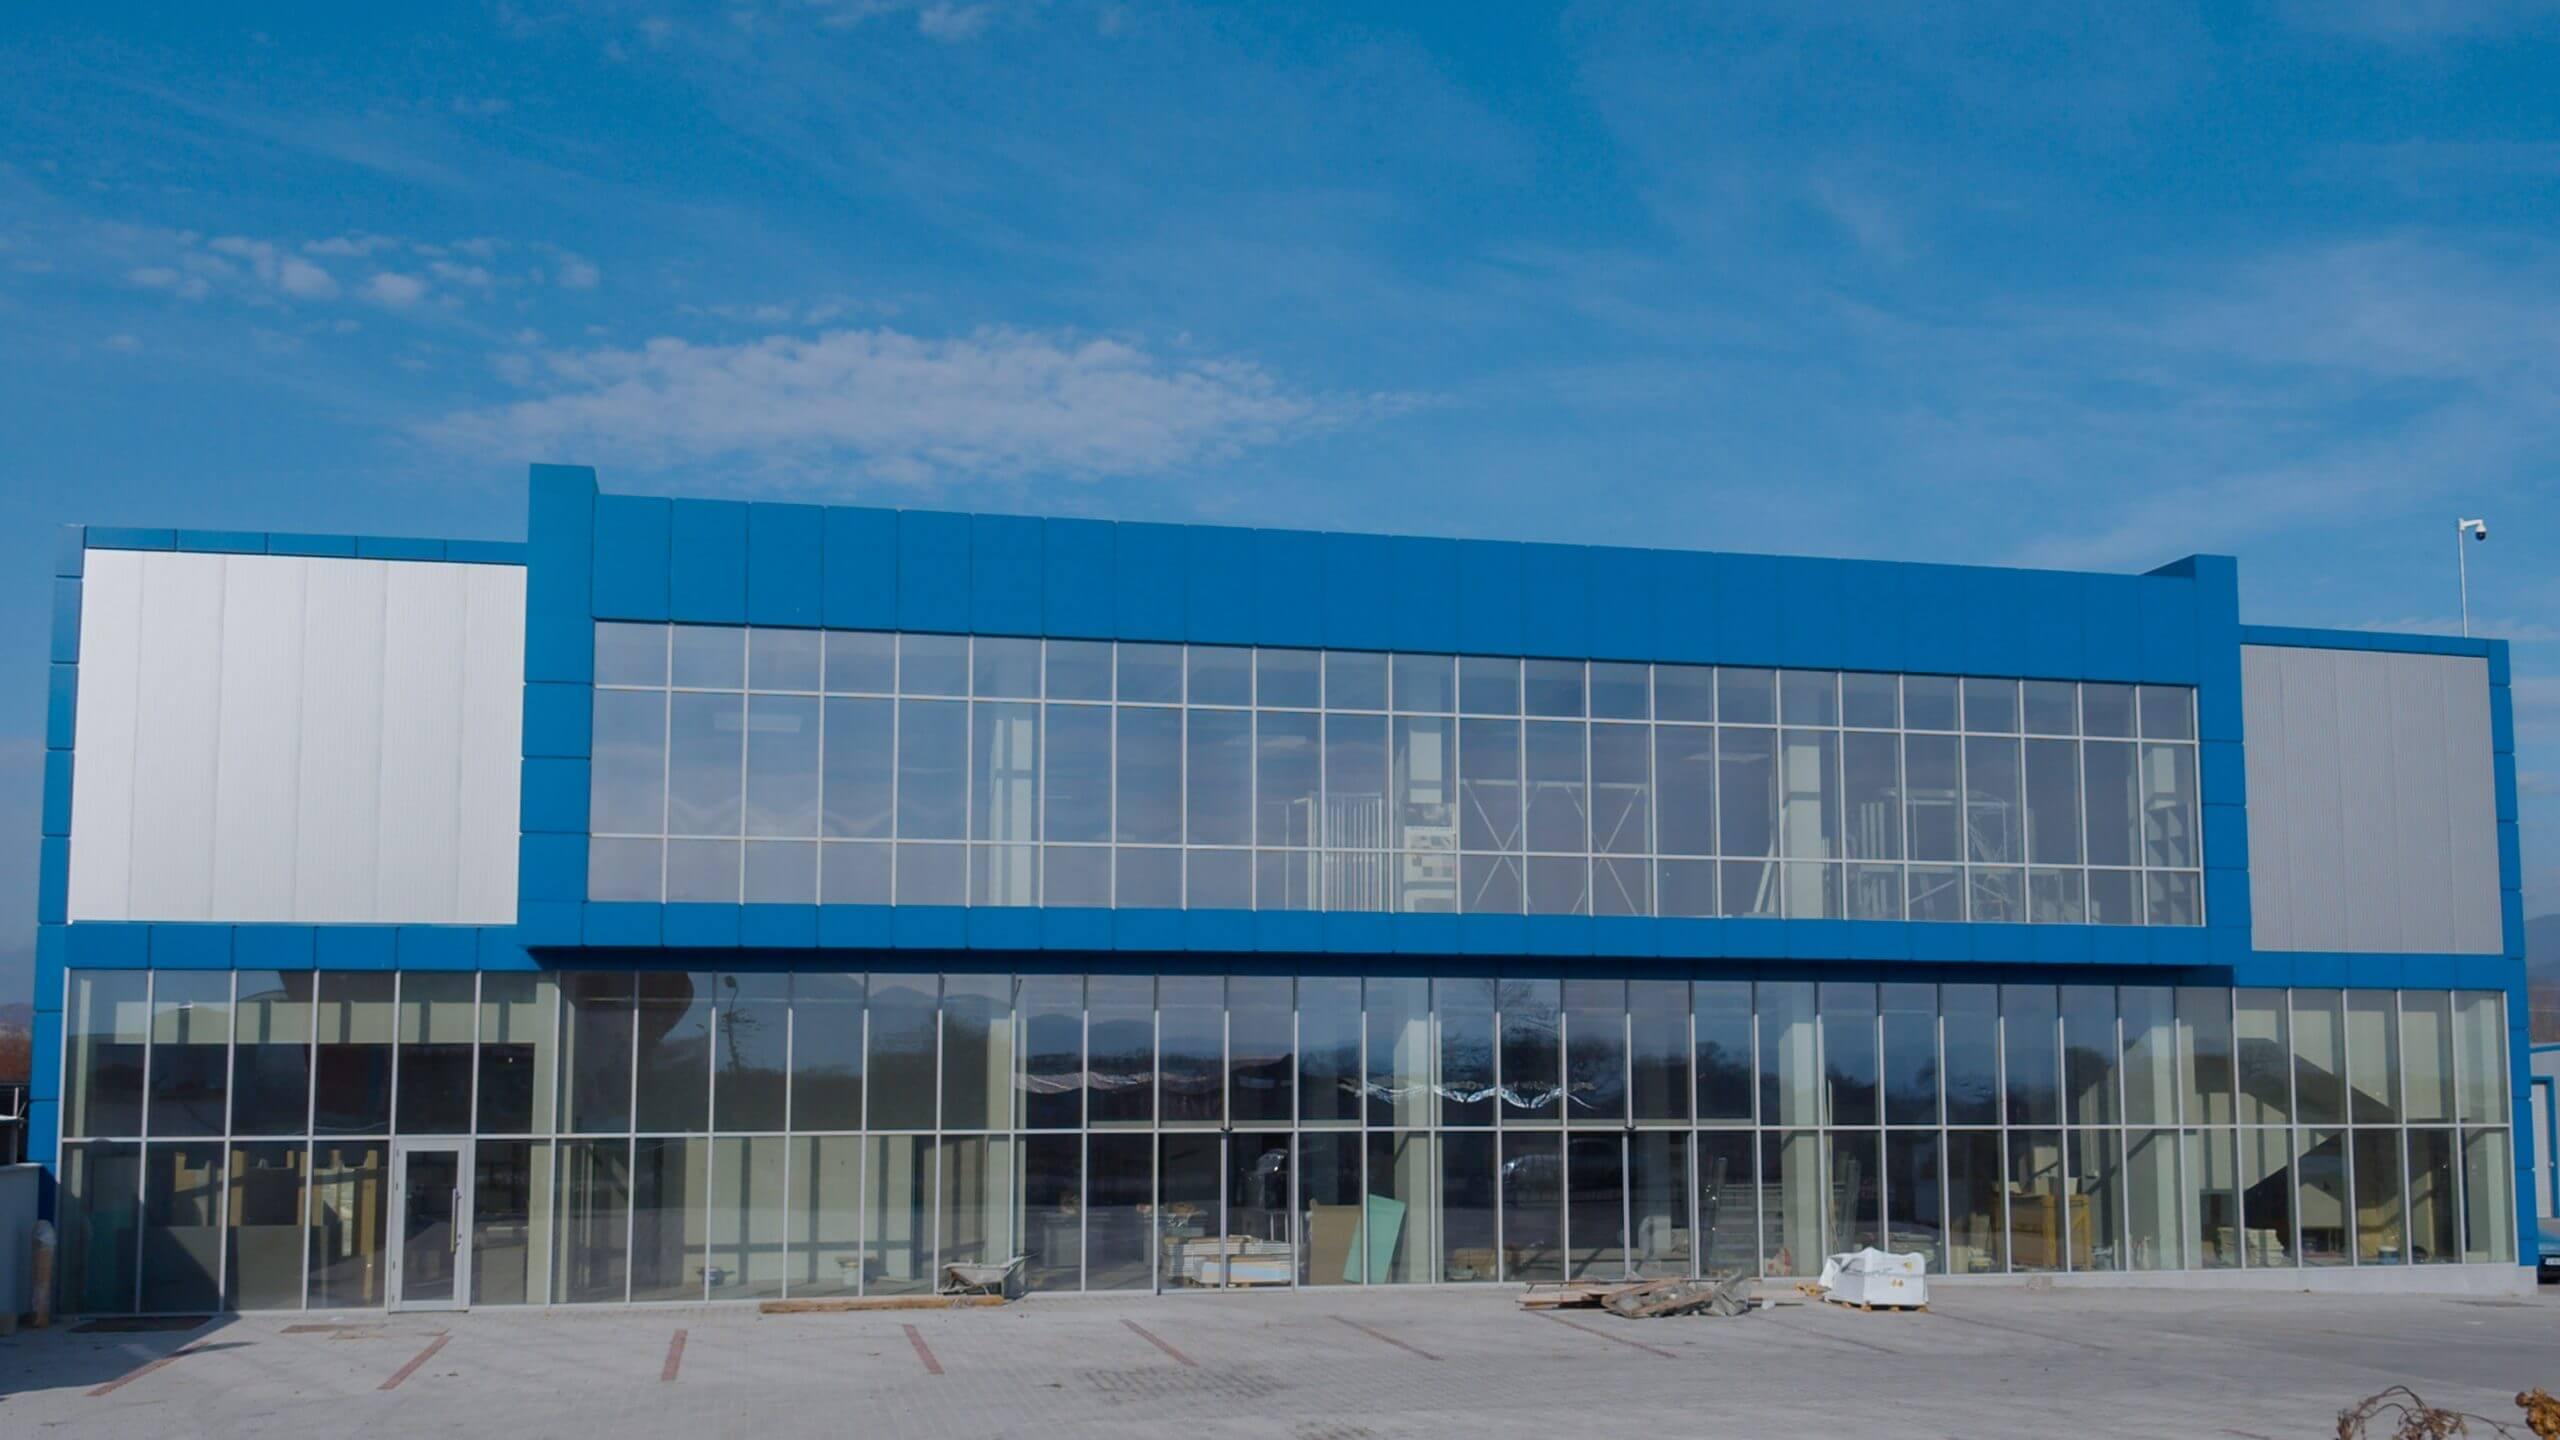 строителен магазин еталбонд 2